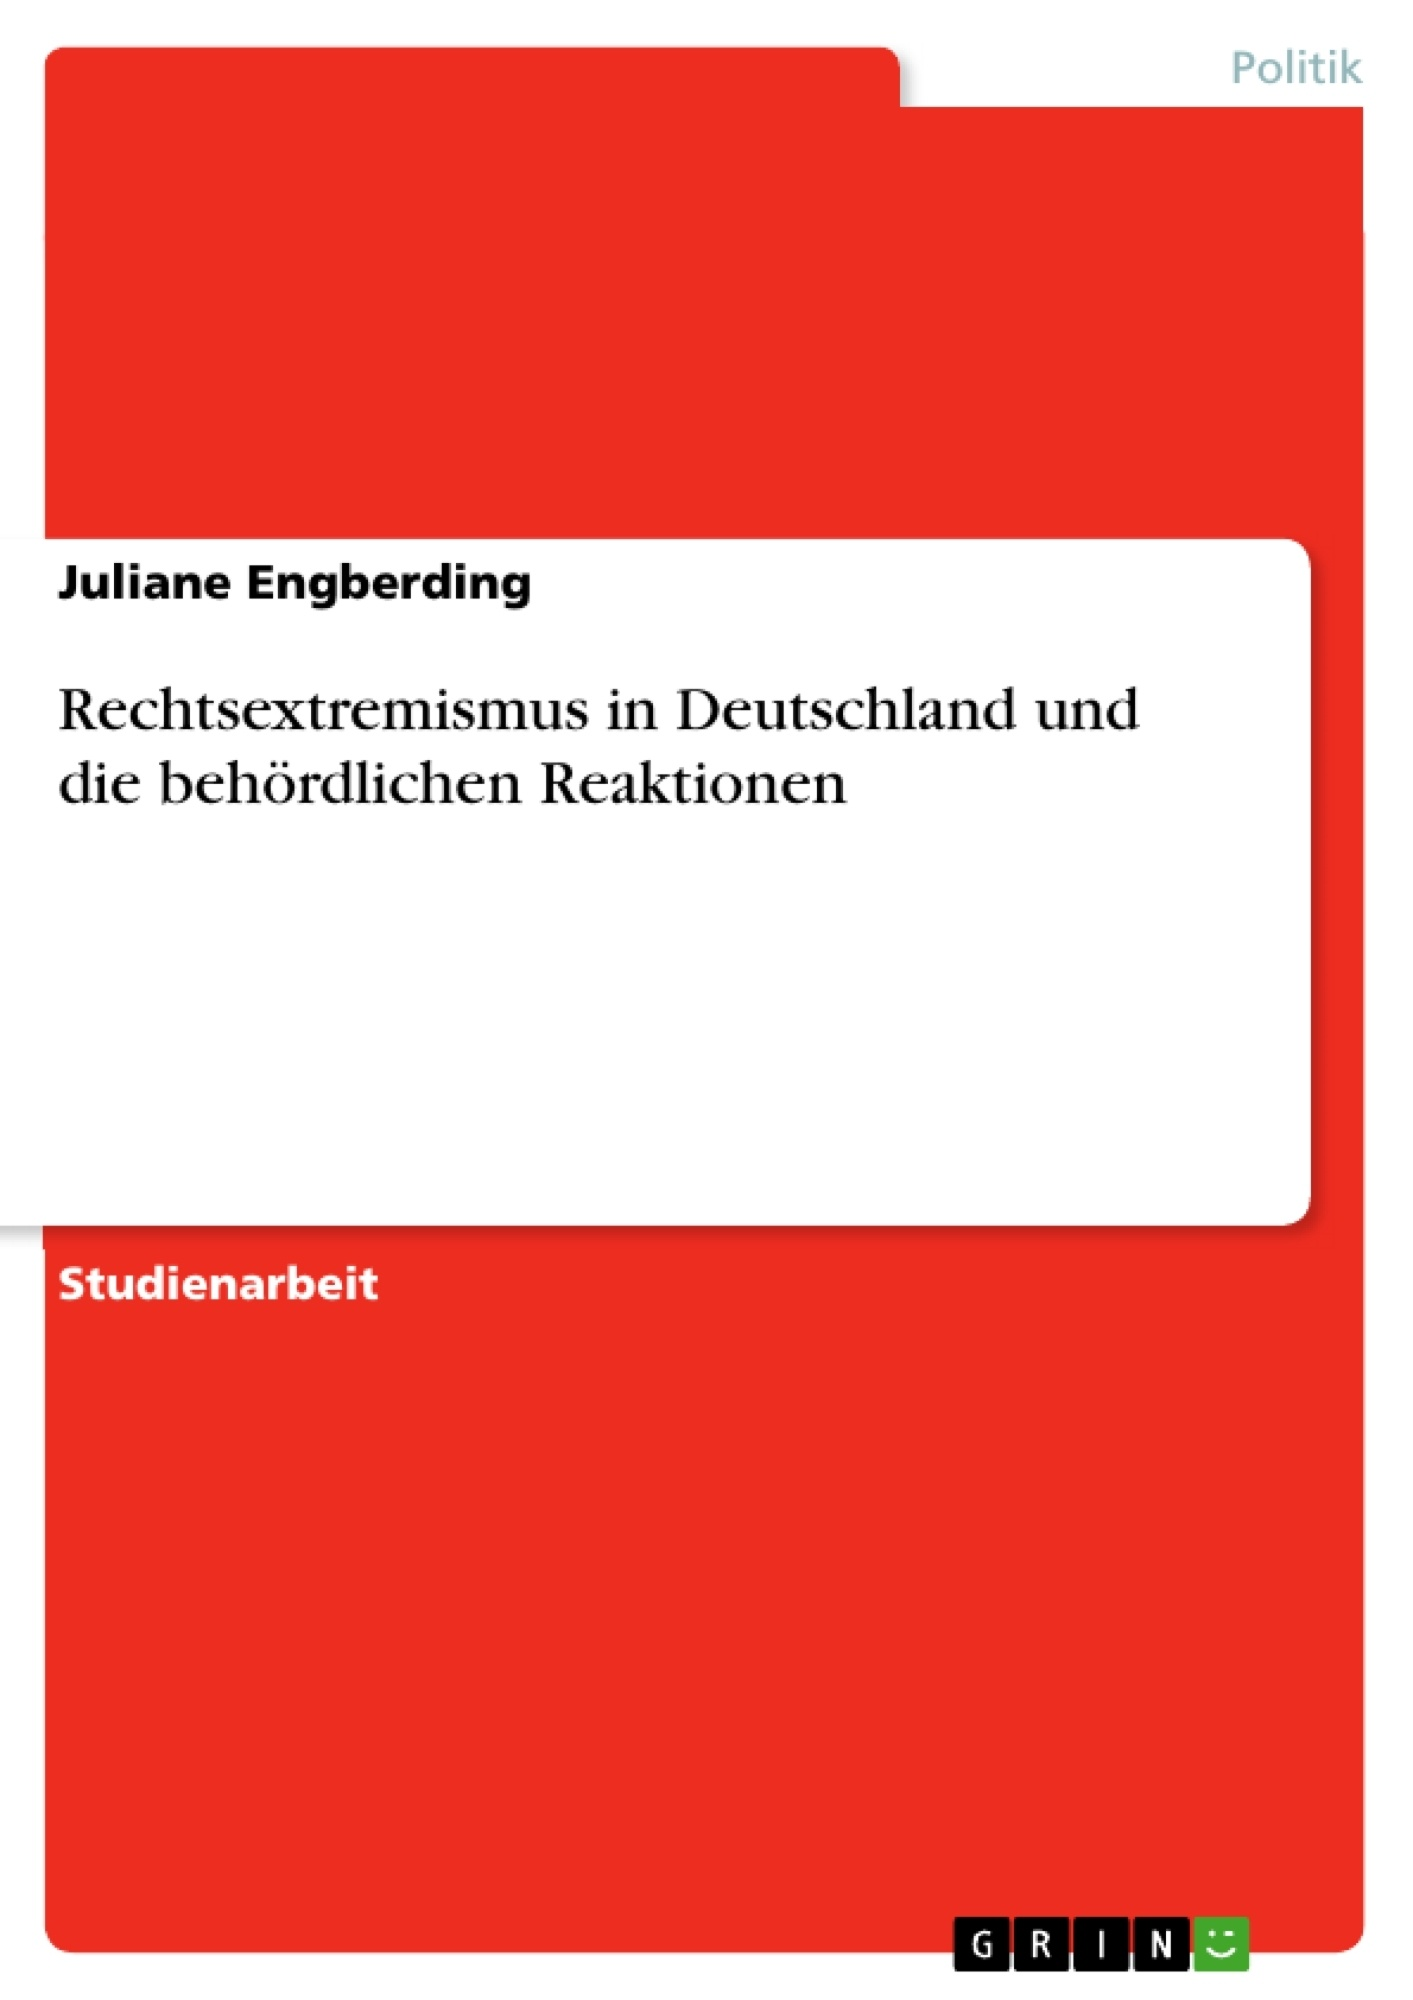 Titel: Rechtsextremismus in Deutschland und die behördlichen  Reaktionen